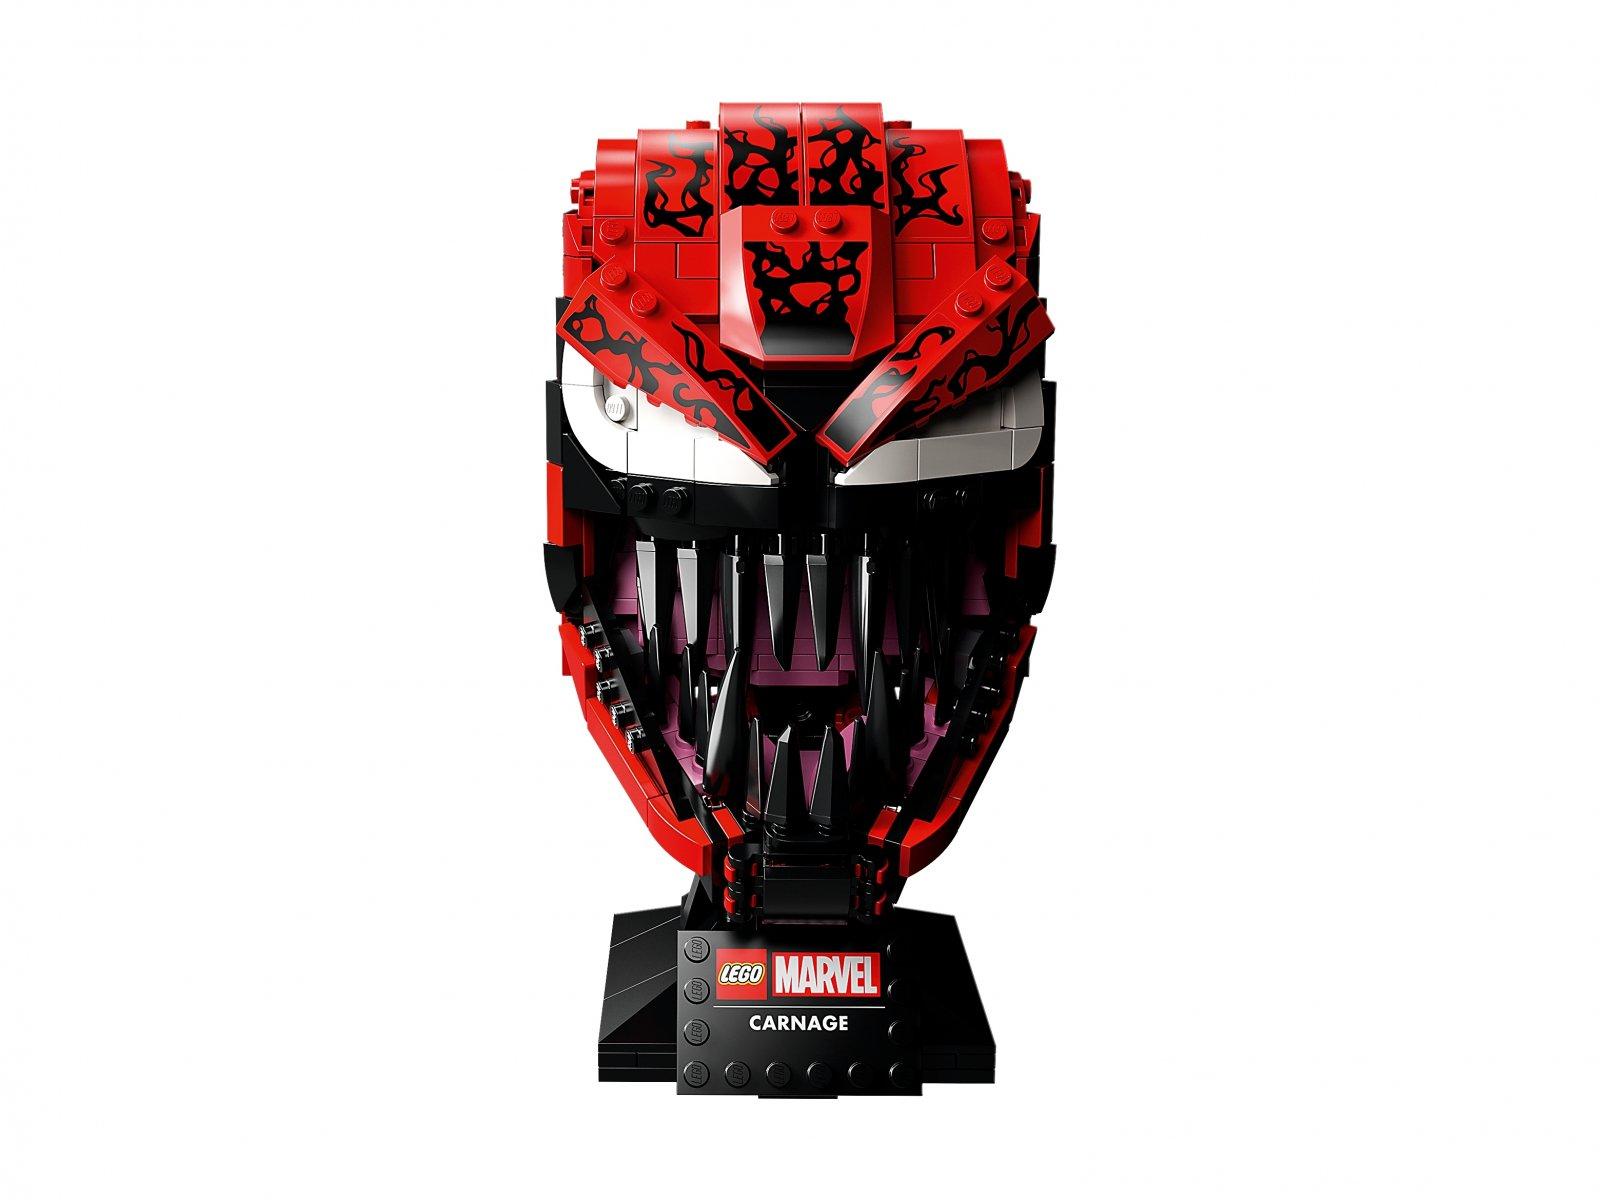 LEGO 76199 Marvel Carnage